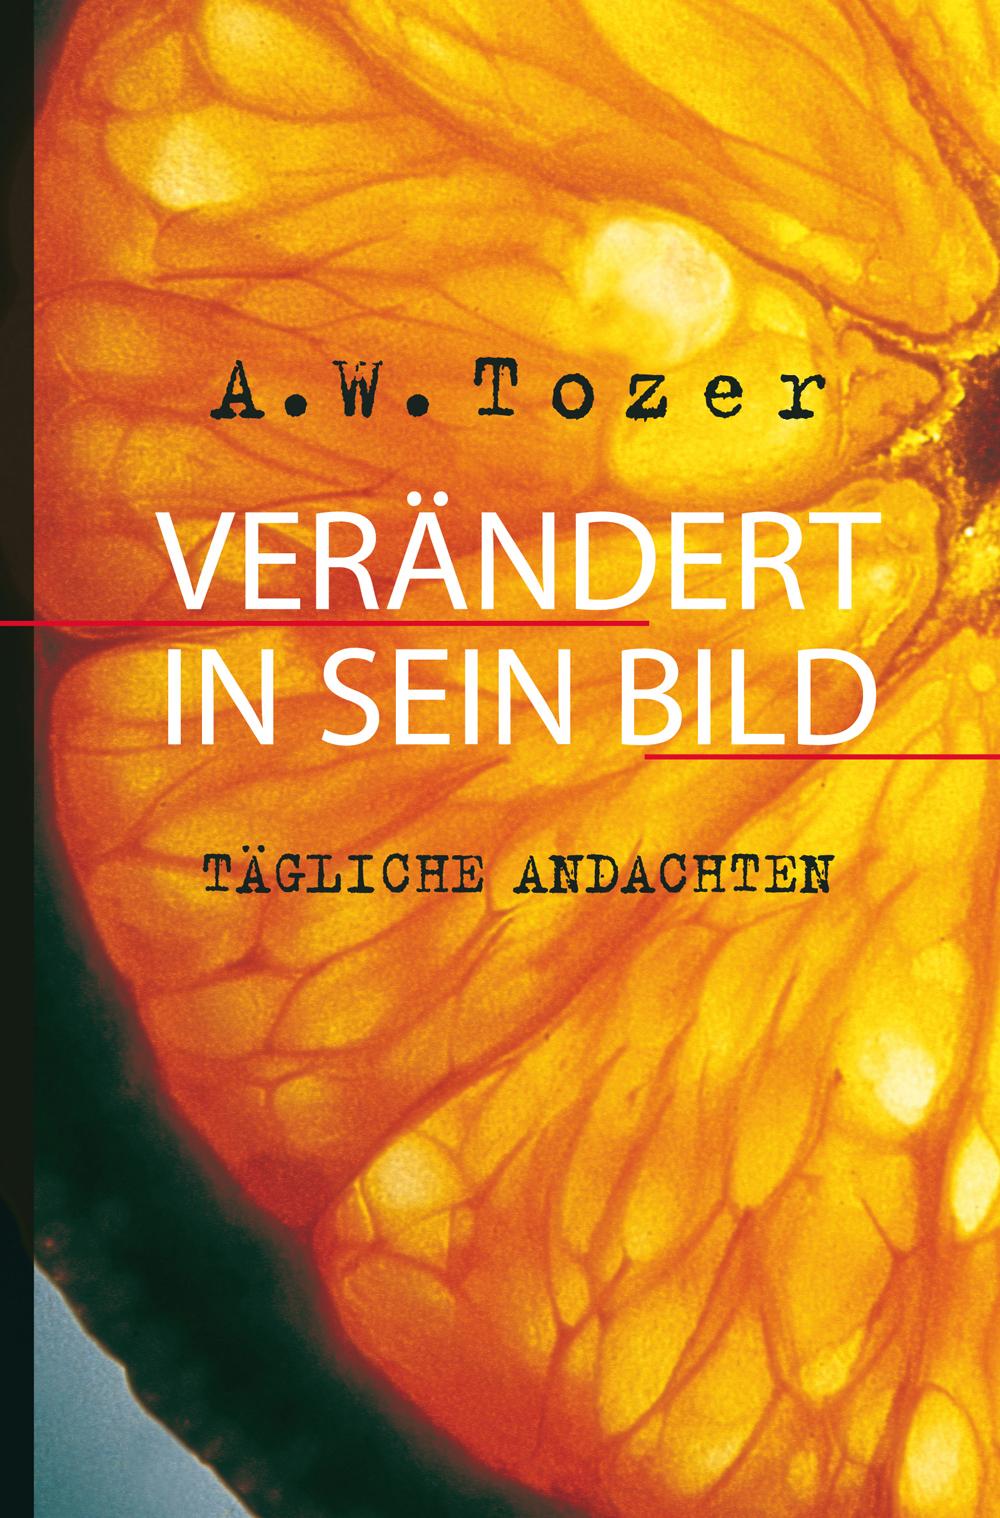 CLV_veraendert-in-sein-bild_aiden-wilson-tozer_255614_1